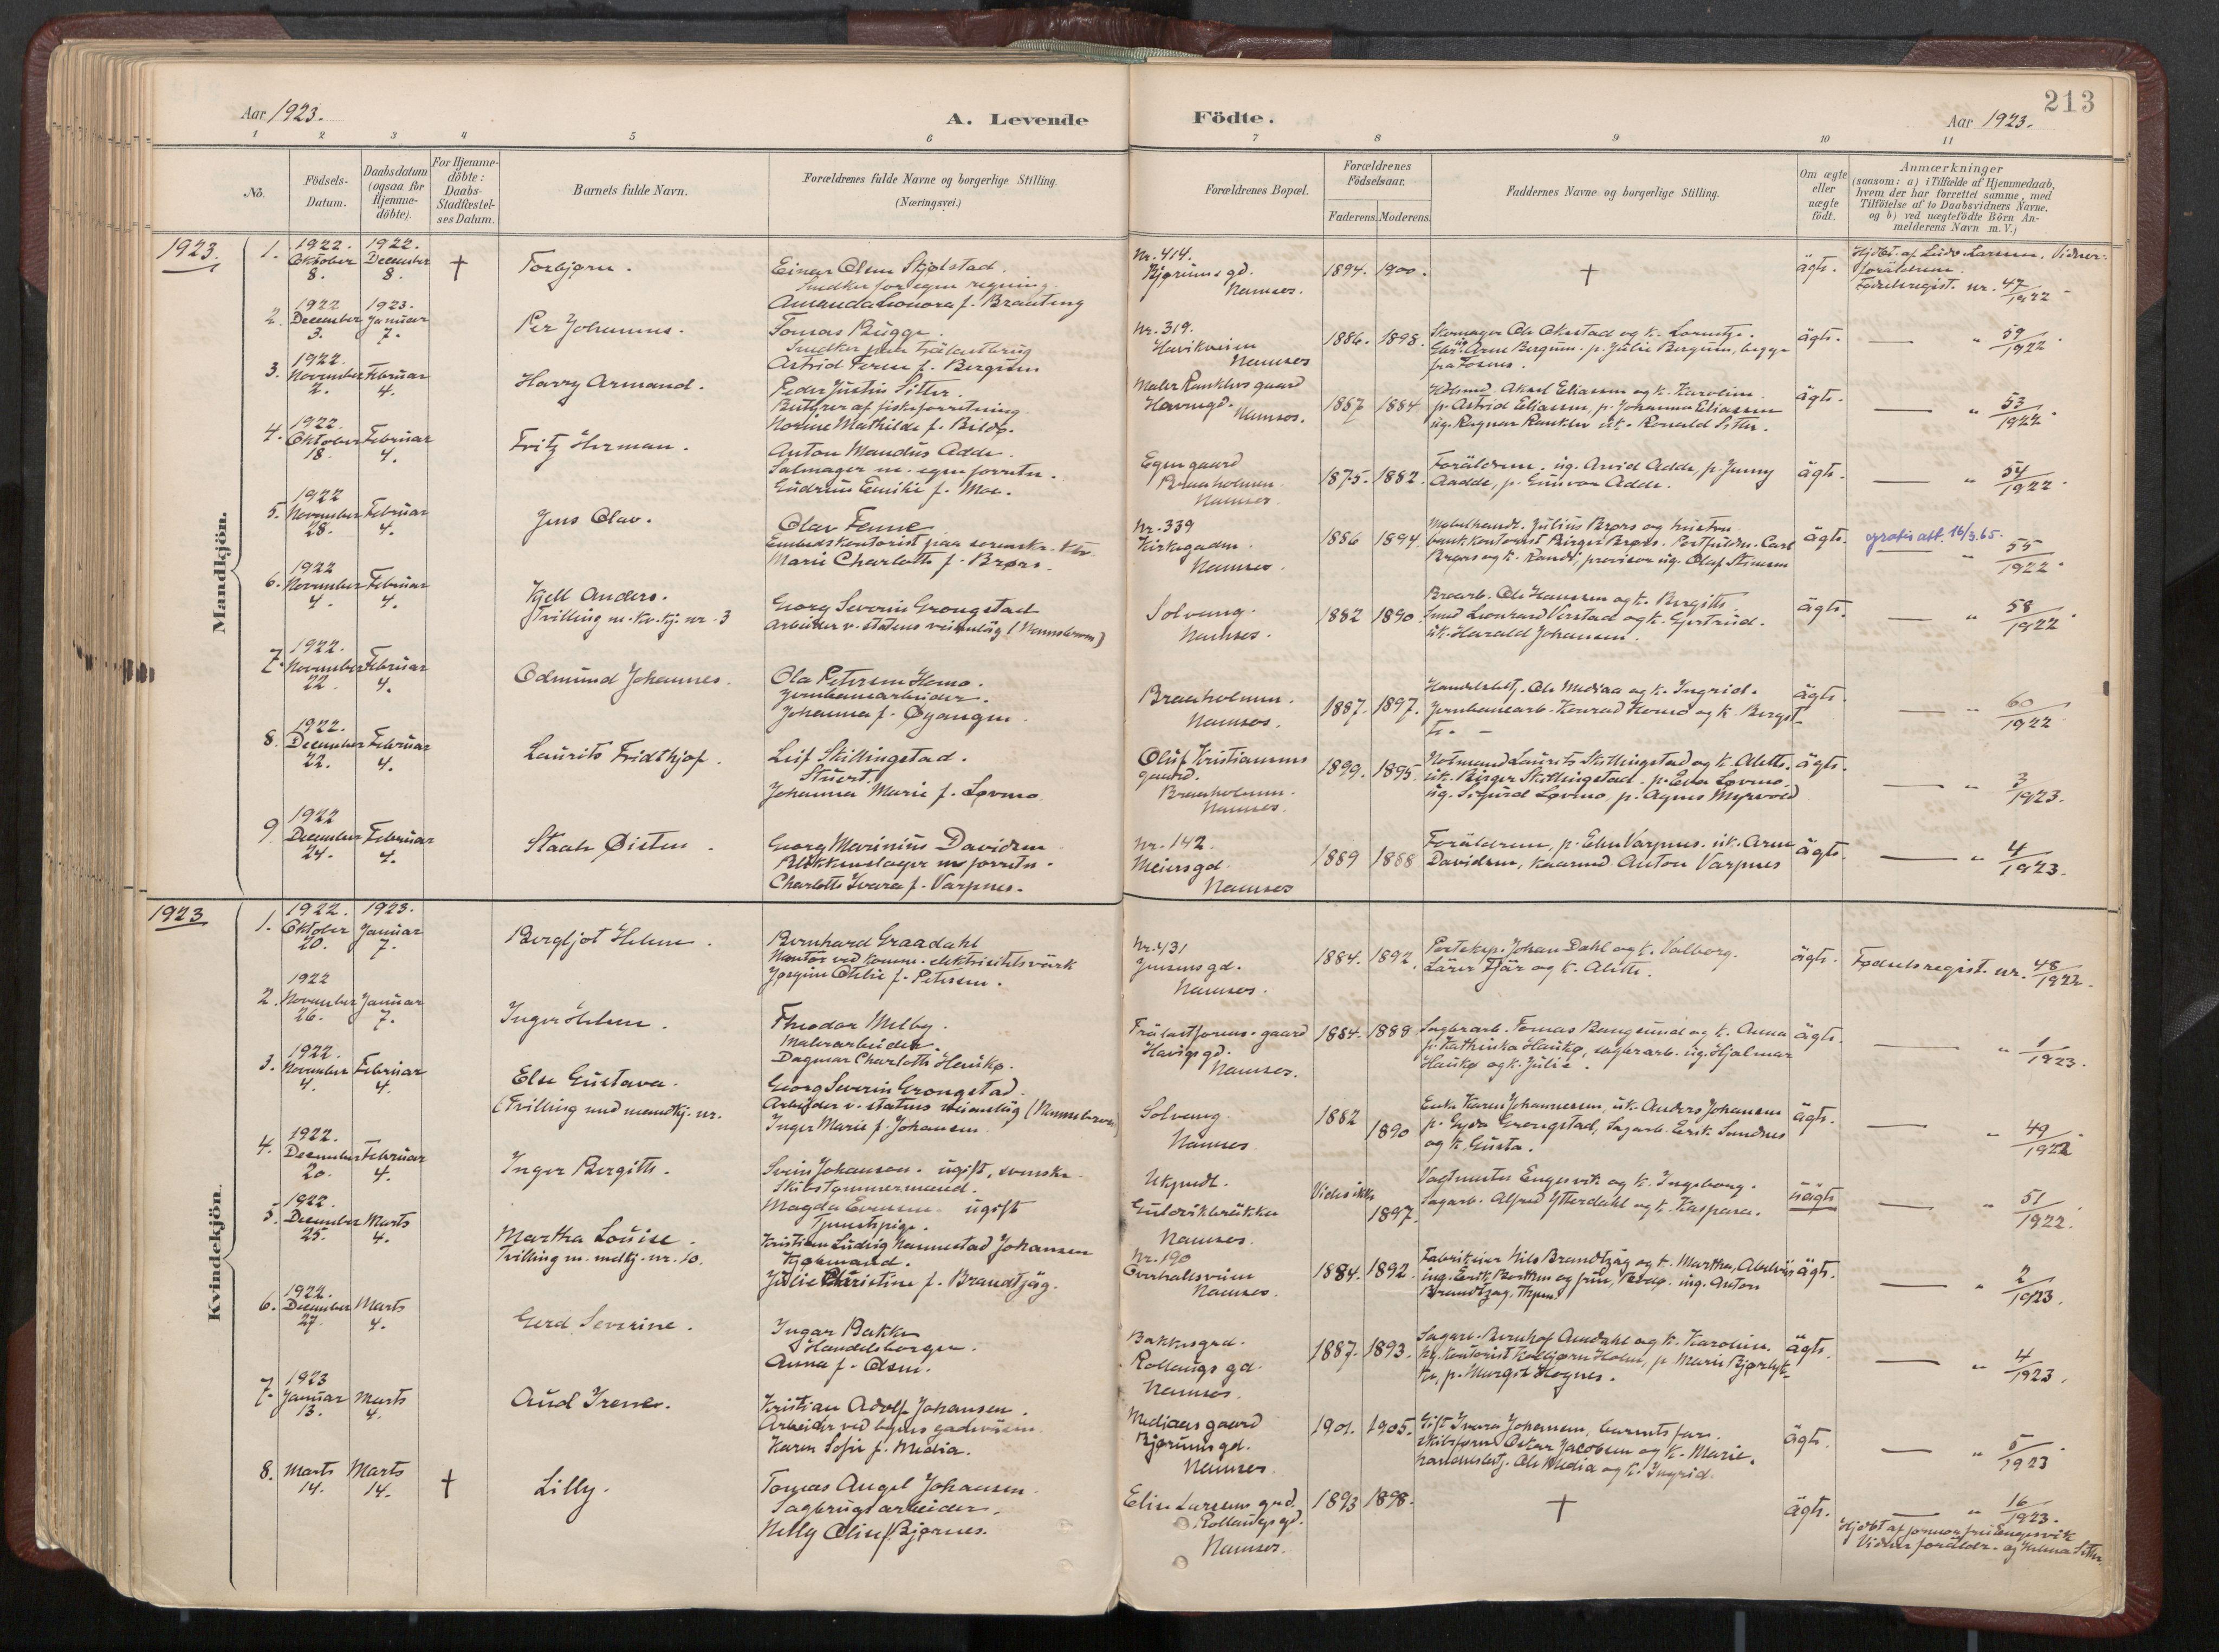 SAT, Ministerialprotokoller, klokkerbøker og fødselsregistre - Nord-Trøndelag, 768/L0574: Ministerialbok nr. 768A08, 1887-1927, s. 213